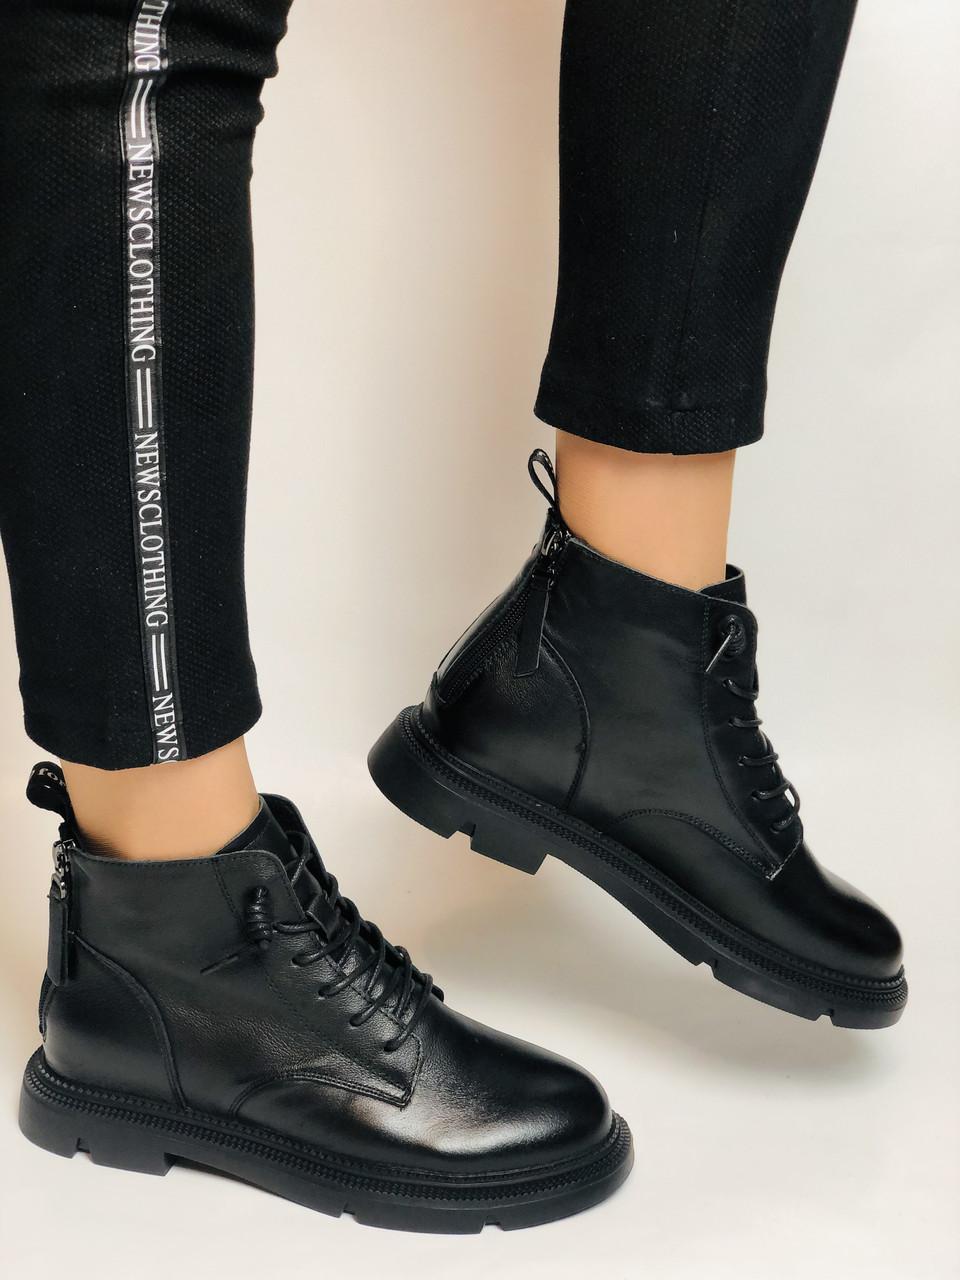 Жіночі черевики. Осінньо-весняні. Натуральна шкіра. Висока якість. Vistally. Р. 38-39. Vellena